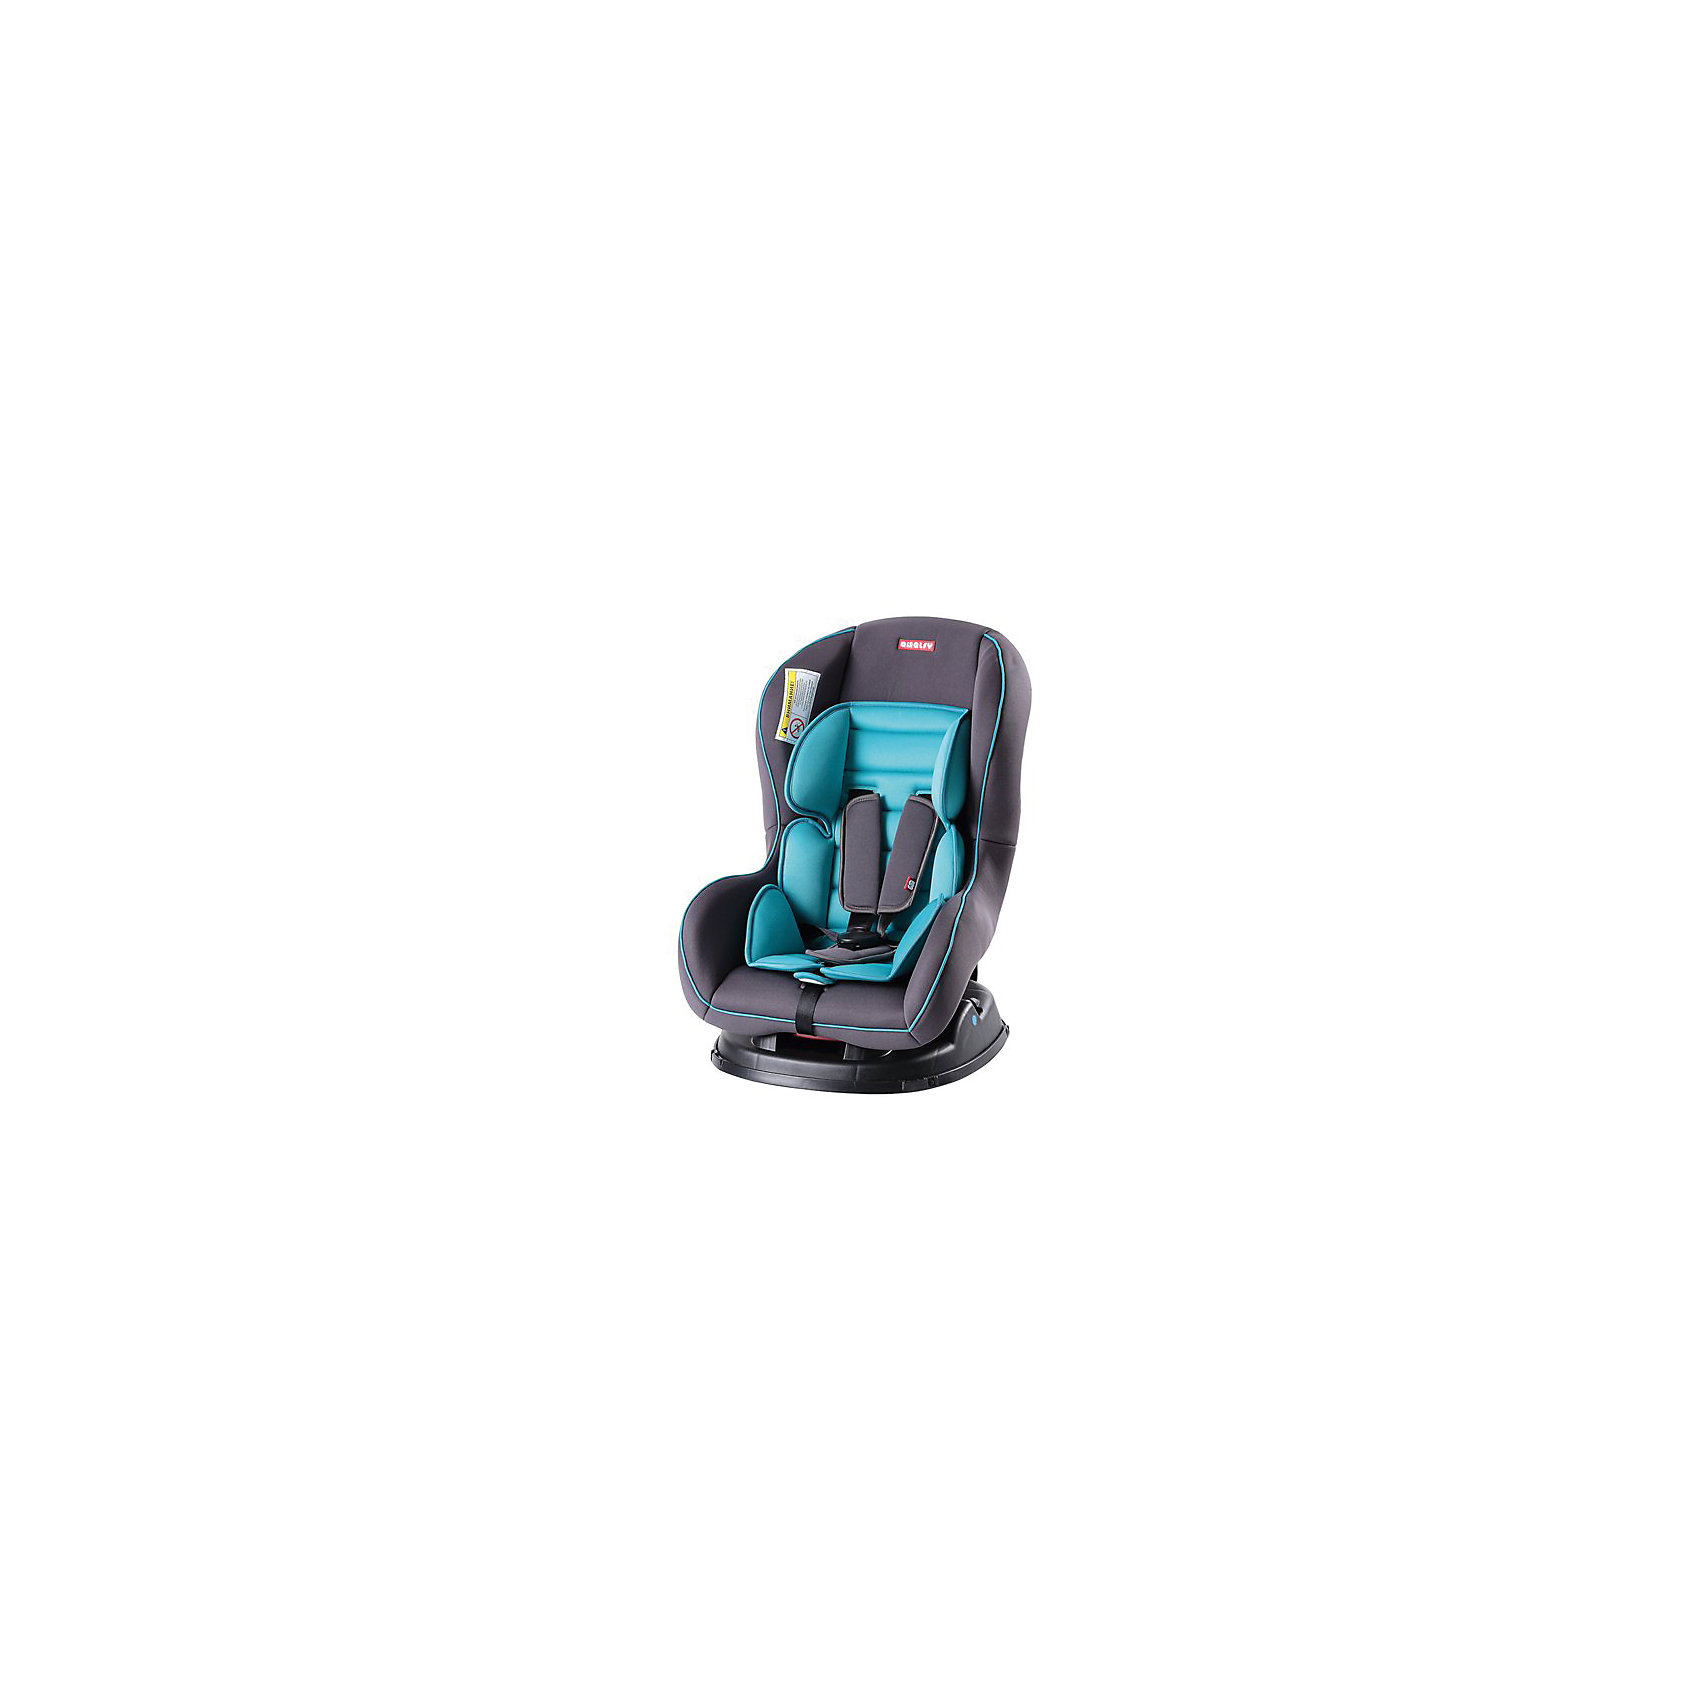 Автокресло НB-383, 0-18 кг, Amalfy, серыйДетское автокресло Happy baby от торговой марки Amalfy предназначено для максимально безопасной перевозки  даже самых маленьких путешественников с рождения и до веса 18 кг (ориентировочно до 3,5 лет). Кресло имеет ярко выраженную боковую защиту и надежную систему креплений внутренних пятиточечных ремней, что гарантирует безопасность ребенка при резких поворотах и боковых ударах. Глубокий подголовник гарантирует дополнительную защиту шеи и головы ребенка. Благодаря ортопедической форме спинки и регулировки наклона автокресла, мягкому матрасику-вкладышу и накладкам внутренних ремней безопасности ребенку будет удобно и комфортно в поездке. В изделие предусмотрена ручка переноска. Автокресло может устанавливаться как по ходу движения, так и против хода, учитывая возраст и вес ребенка.<br><br>Особенности: <br><br>- регулируемые пятиточечные ремни безопасности.<br>- имеется ручка для удобства переноски.<br>- сидение регулируется в  3- х положениях.<br>- чехол съемный  и моющейся.<br>- можно устанавливать по ходу и против движения.<br>- мягкая вкладка-матрасик.<br>- крепится в устройствах, оснащенных 3-точечными ремнями безопасности.<br><br>Дополнительная информация: <br><br>- вес ребенка: от 0 до 18 кг<br>- размеры в разложенном виде дхшхв: 50*45*85 см<br>- ширина сиденья: 19 см<br>- глубина сиденья: 24 см<br>- вес автокресла: 6,9 кг<br><br>Купить автокресло Happy baby от 0- 18 кг торговой марки   Amalfy   можно купить в нашем интернет-магазине.<br><br>Ширина мм: 460<br>Глубина мм: 480<br>Высота мм: 880<br>Вес г: 7500<br>Возраст от месяцев: 0<br>Возраст до месяцев: 48<br>Пол: Унисекс<br>Возраст: Детский<br>SKU: 4878584